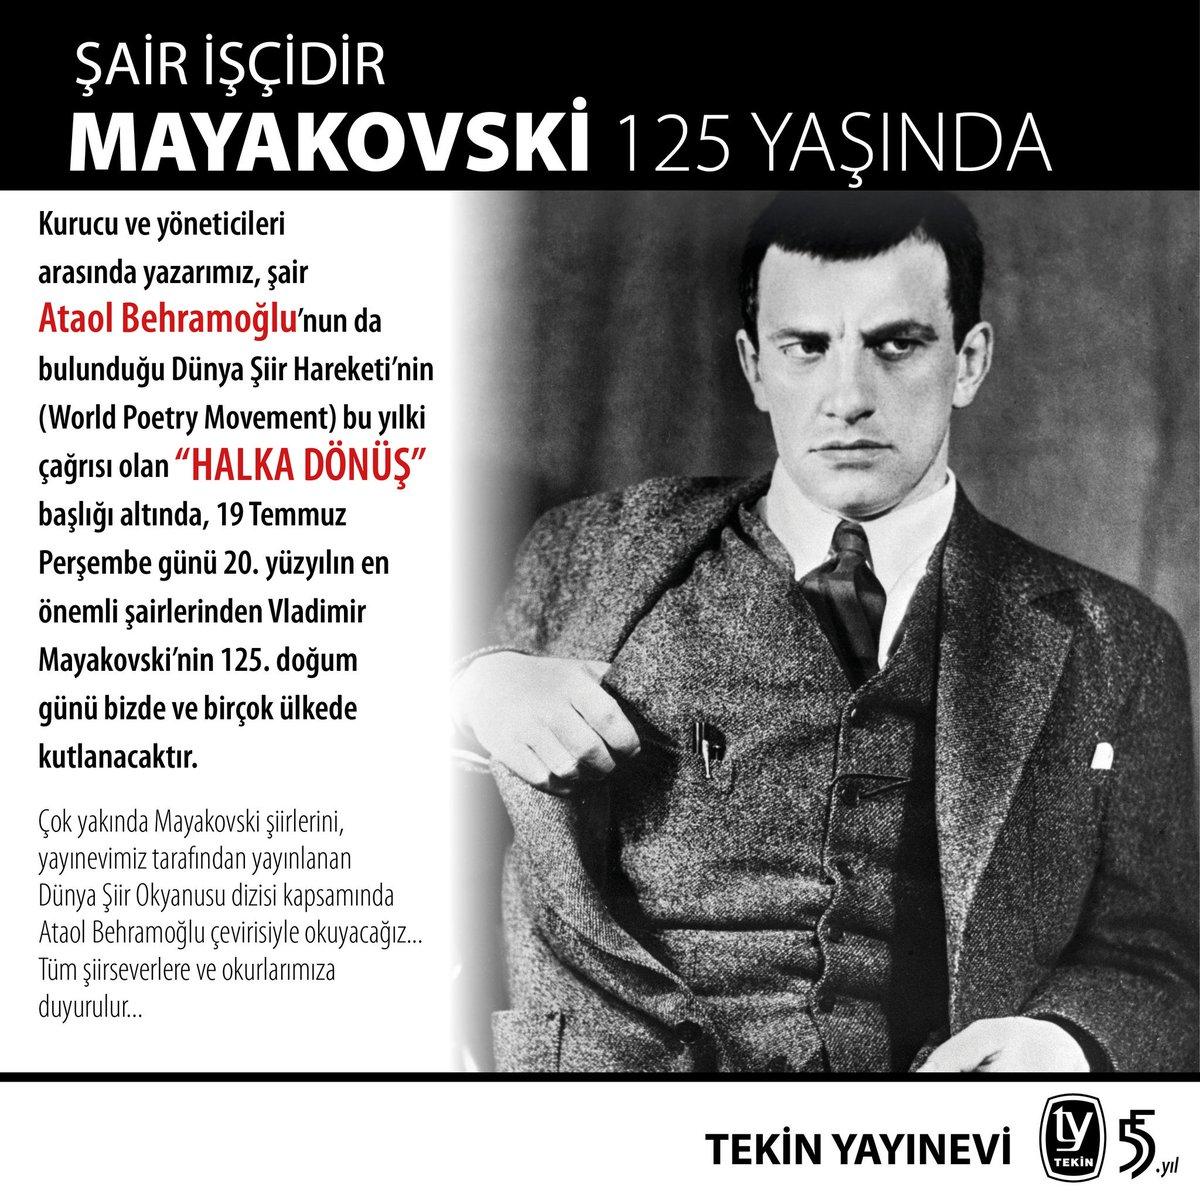 Tekin Yayınevi On Twitter Mayakovski 125 Yaşında şiirleri çok